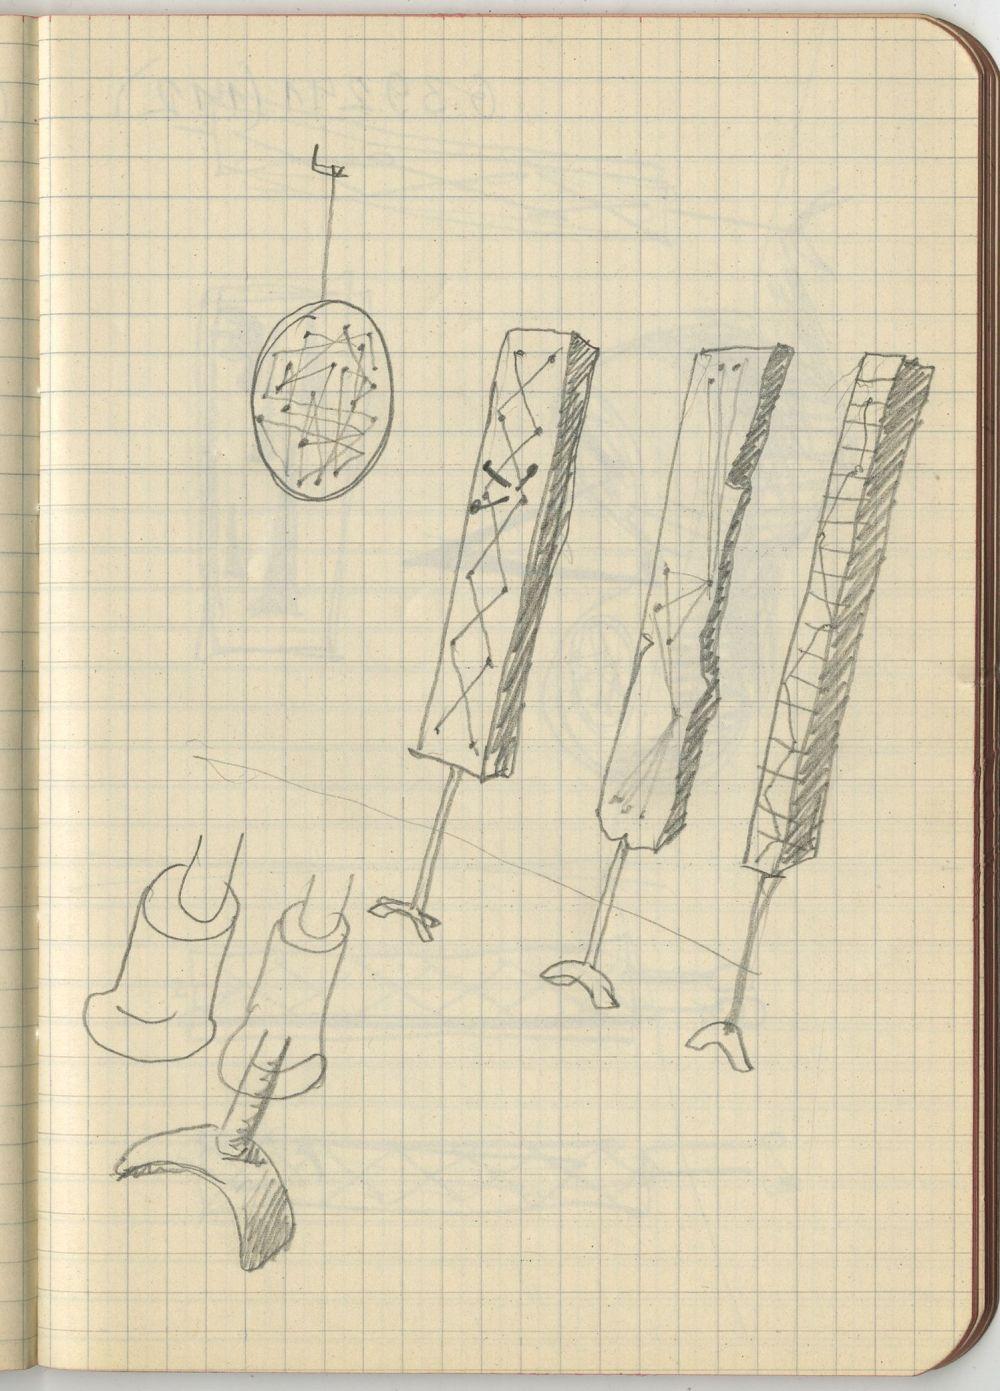 G39241(142)<br/><b>Cím:</b> Cím nélkül<br/><b>Méret (cm):</b> 17x12<br/><b>Készült:</b> 1947.<br/><b>Technika:</b> ceruza<br/>